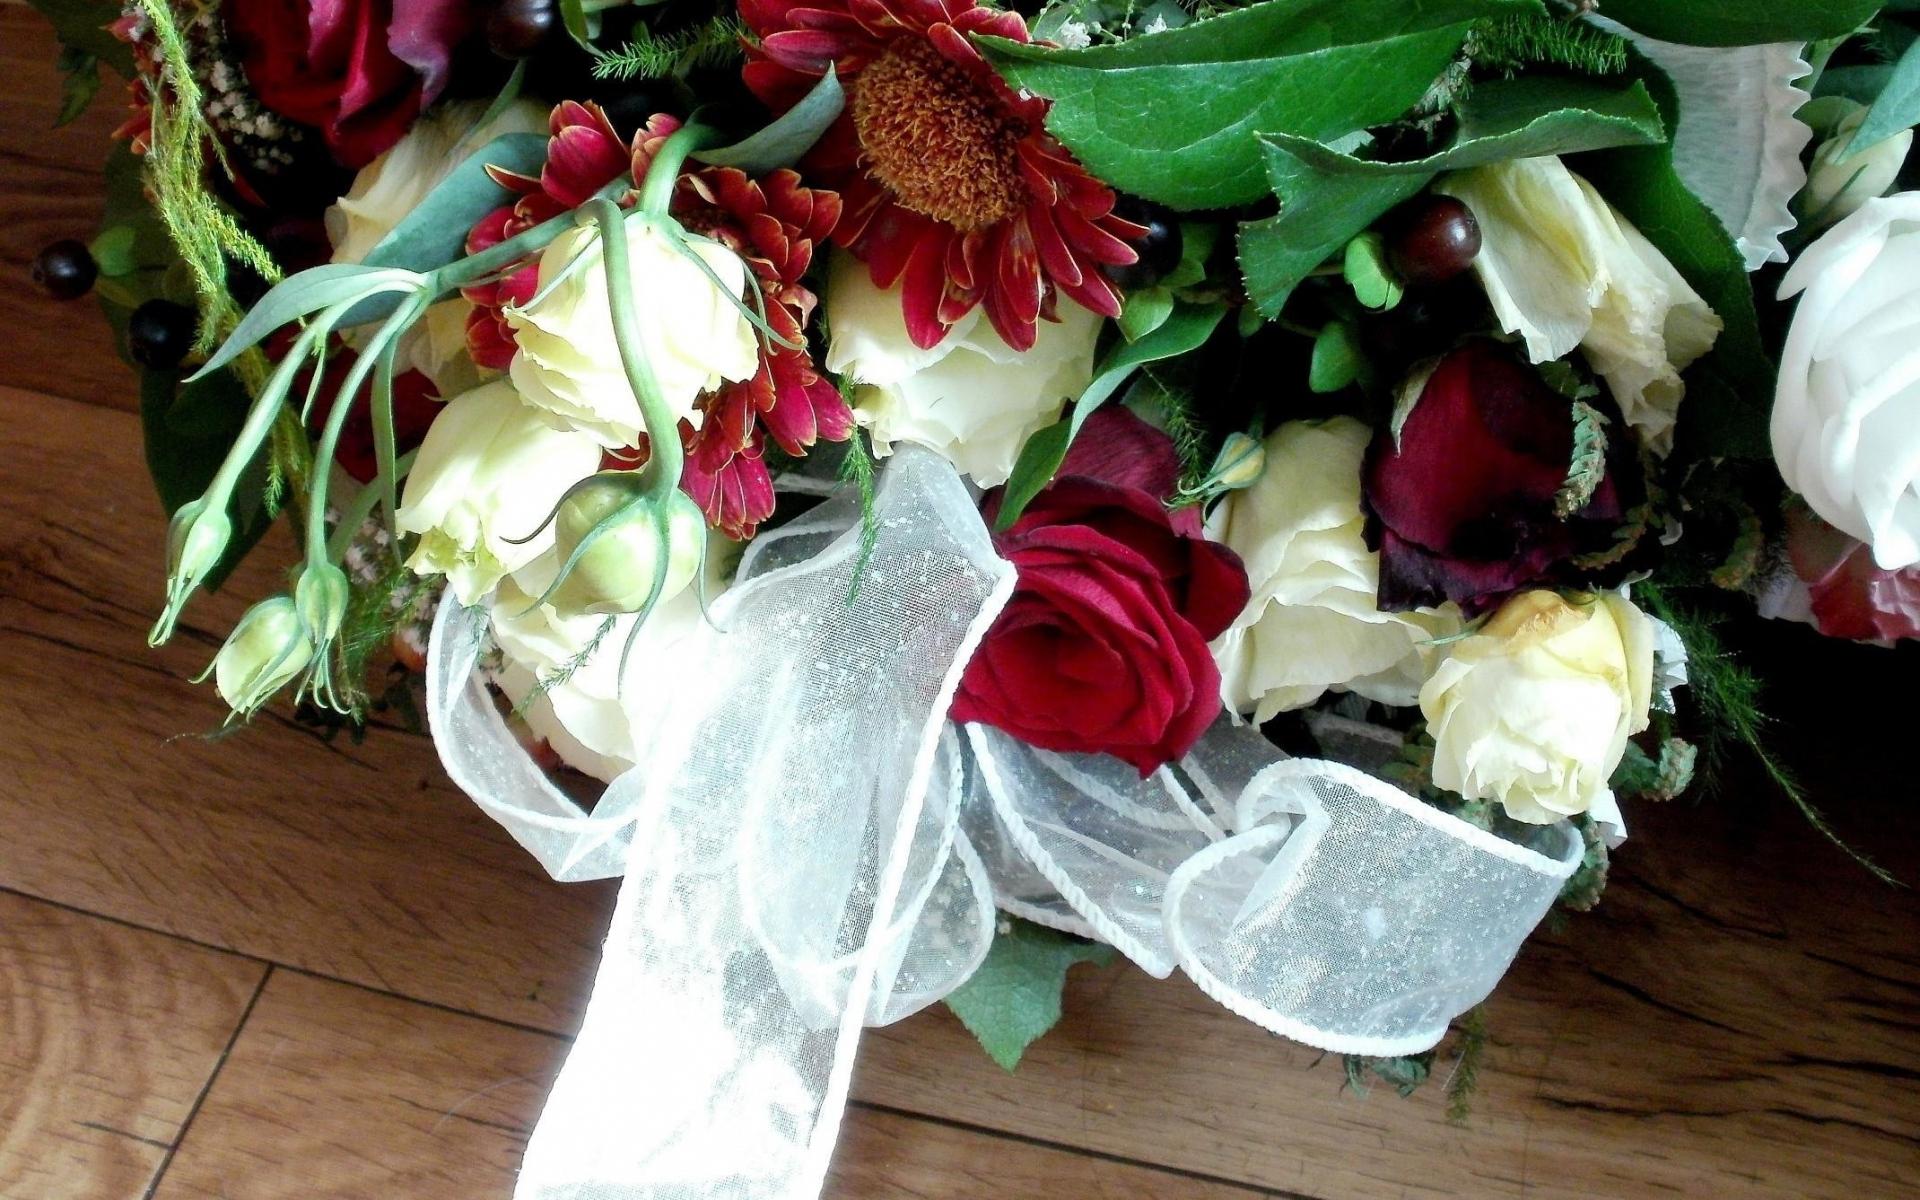 первом красивые цветы на столе фото букеты недавнего времени ольга